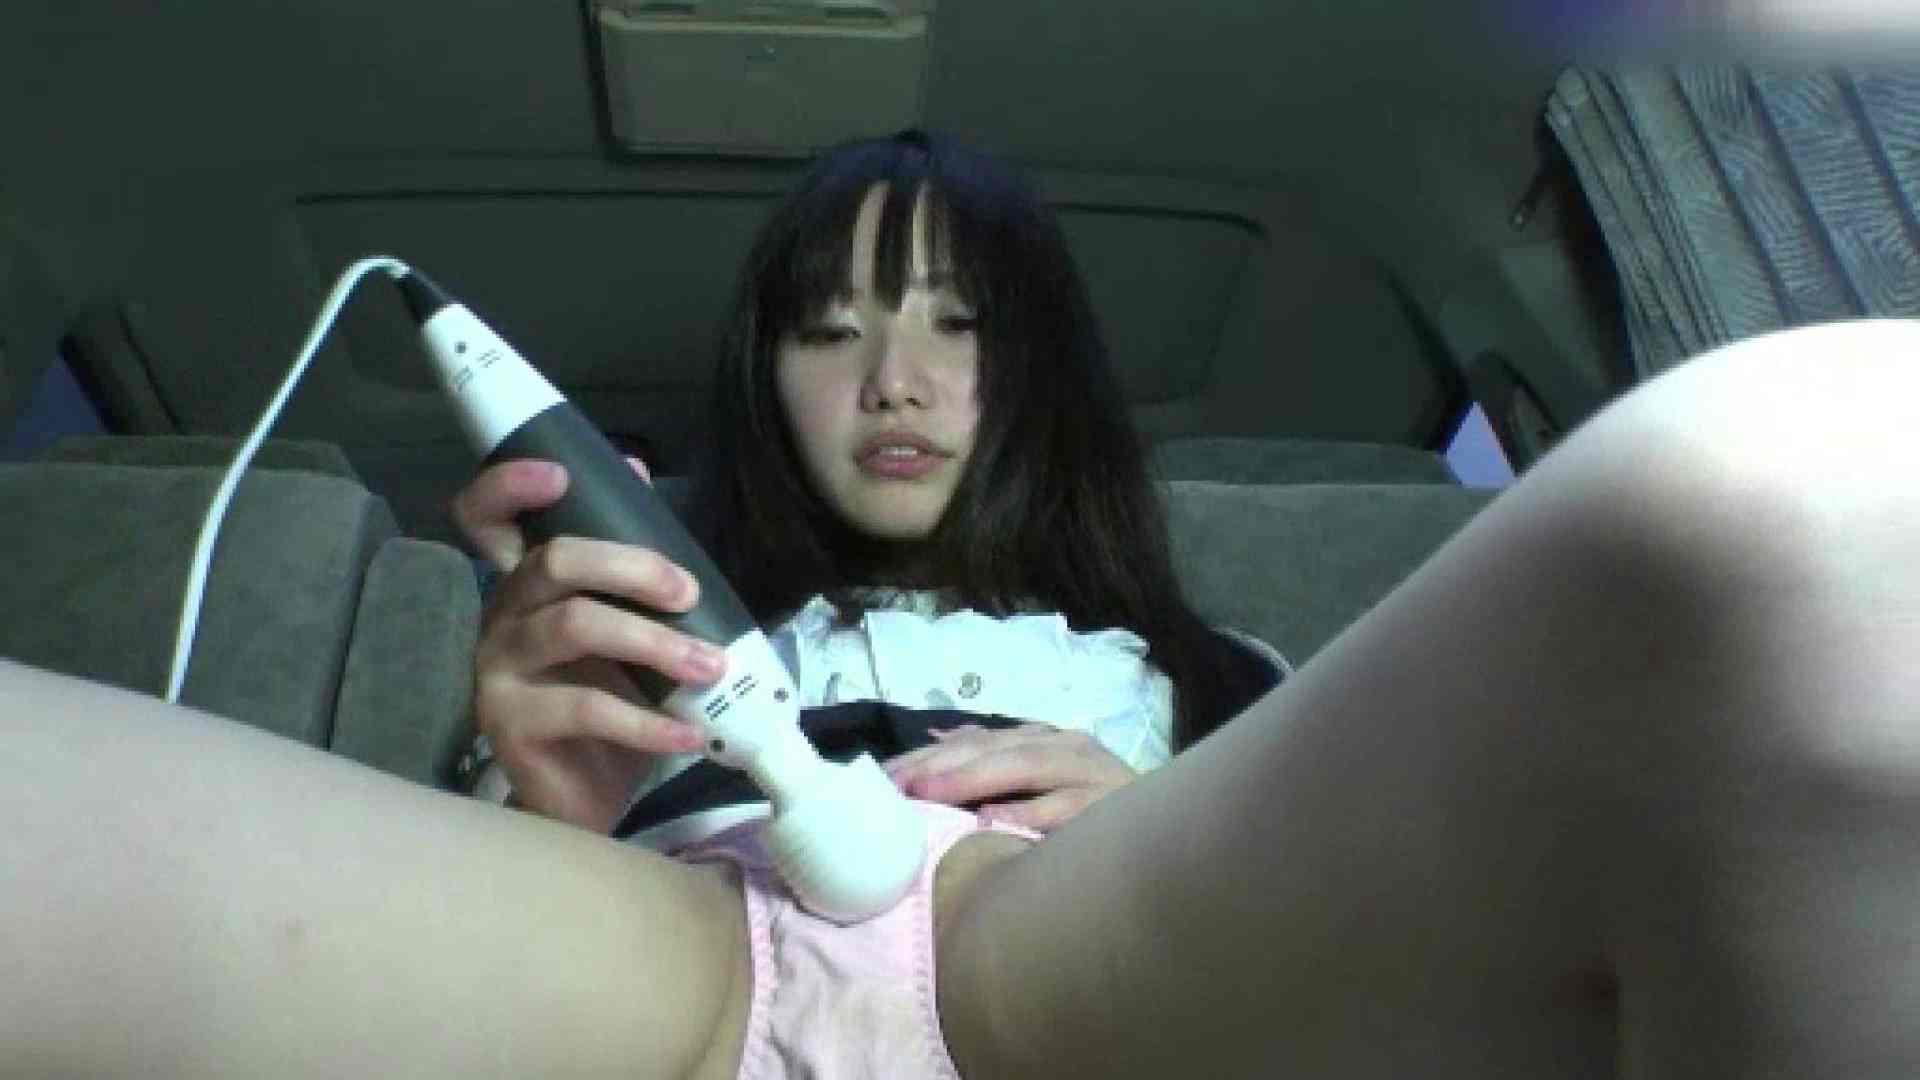 アヘ顔のわたしってどうかしら Vol.044 美女 オマンコ無修正動画無料 52連発 9